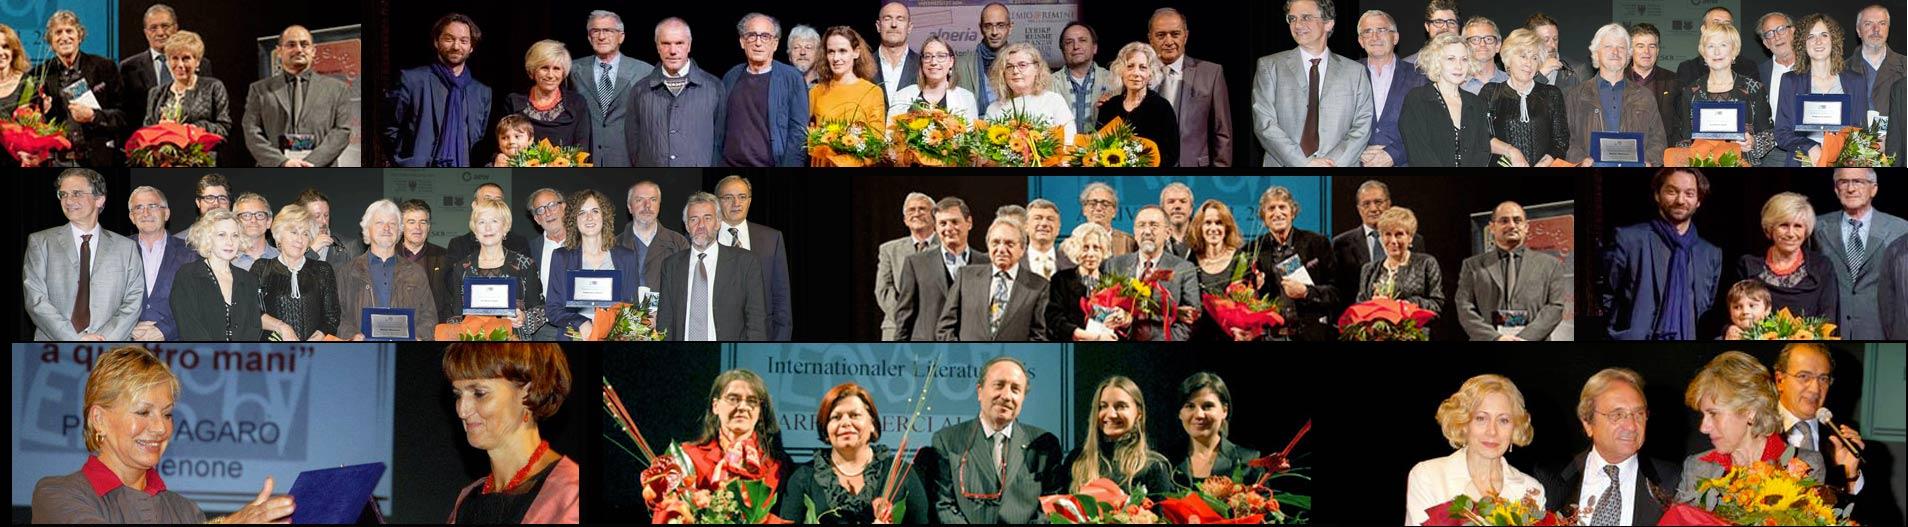 premiazioni teatro puccini